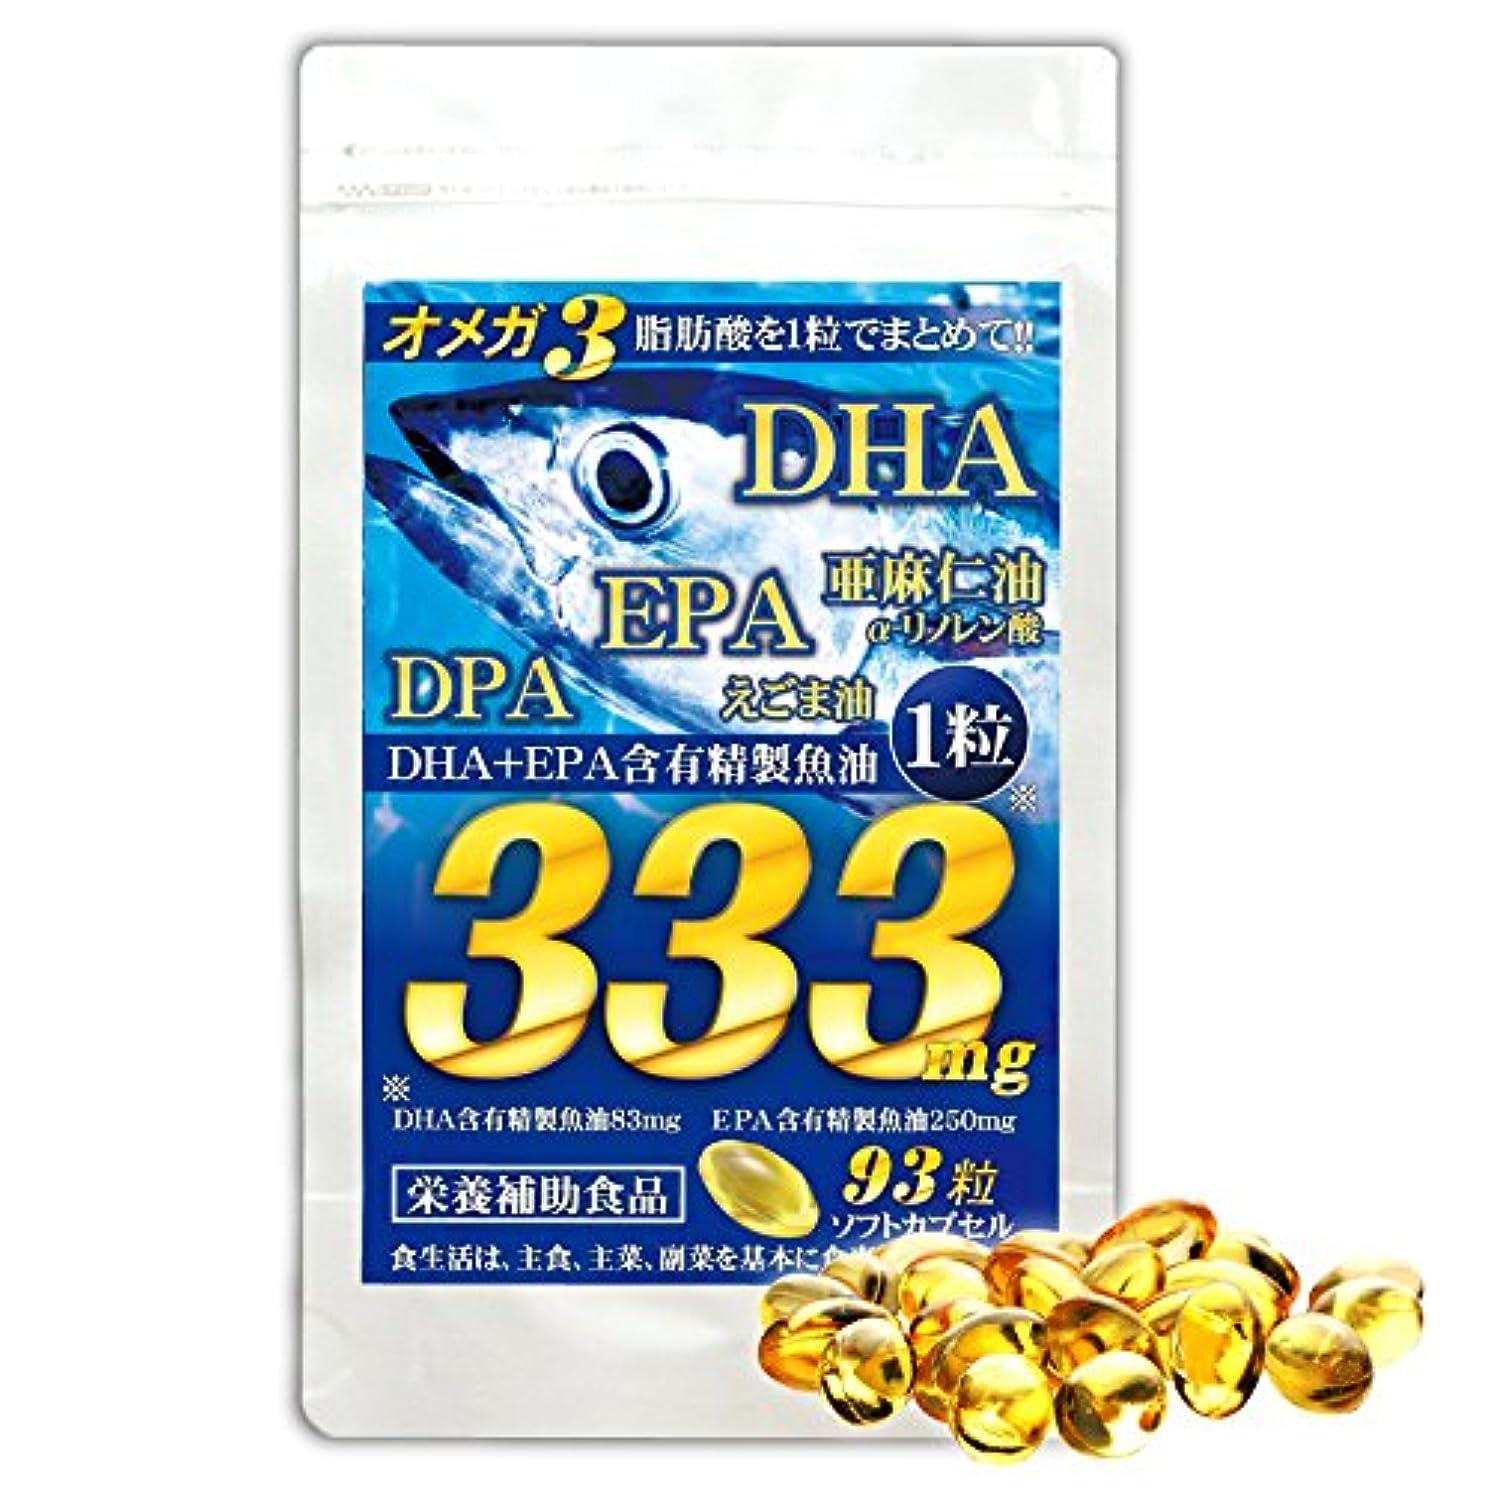 少し旧正月恋人(大容量:約3ヵ月分/93粒)超高配合!青魚 de DHA + EPA